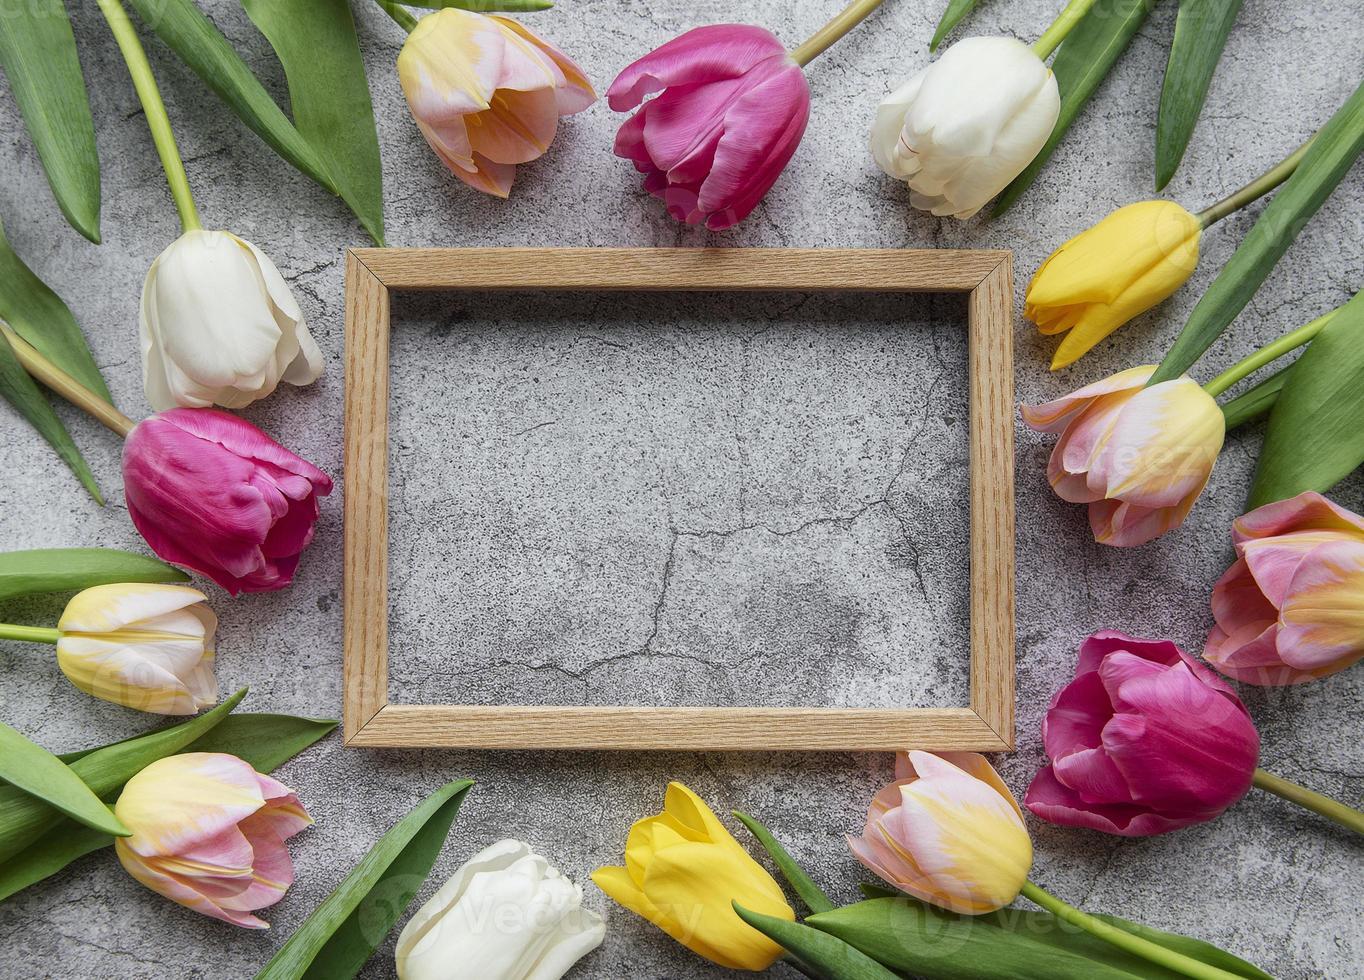 tulipas da primavera em um fundo de concreto foto